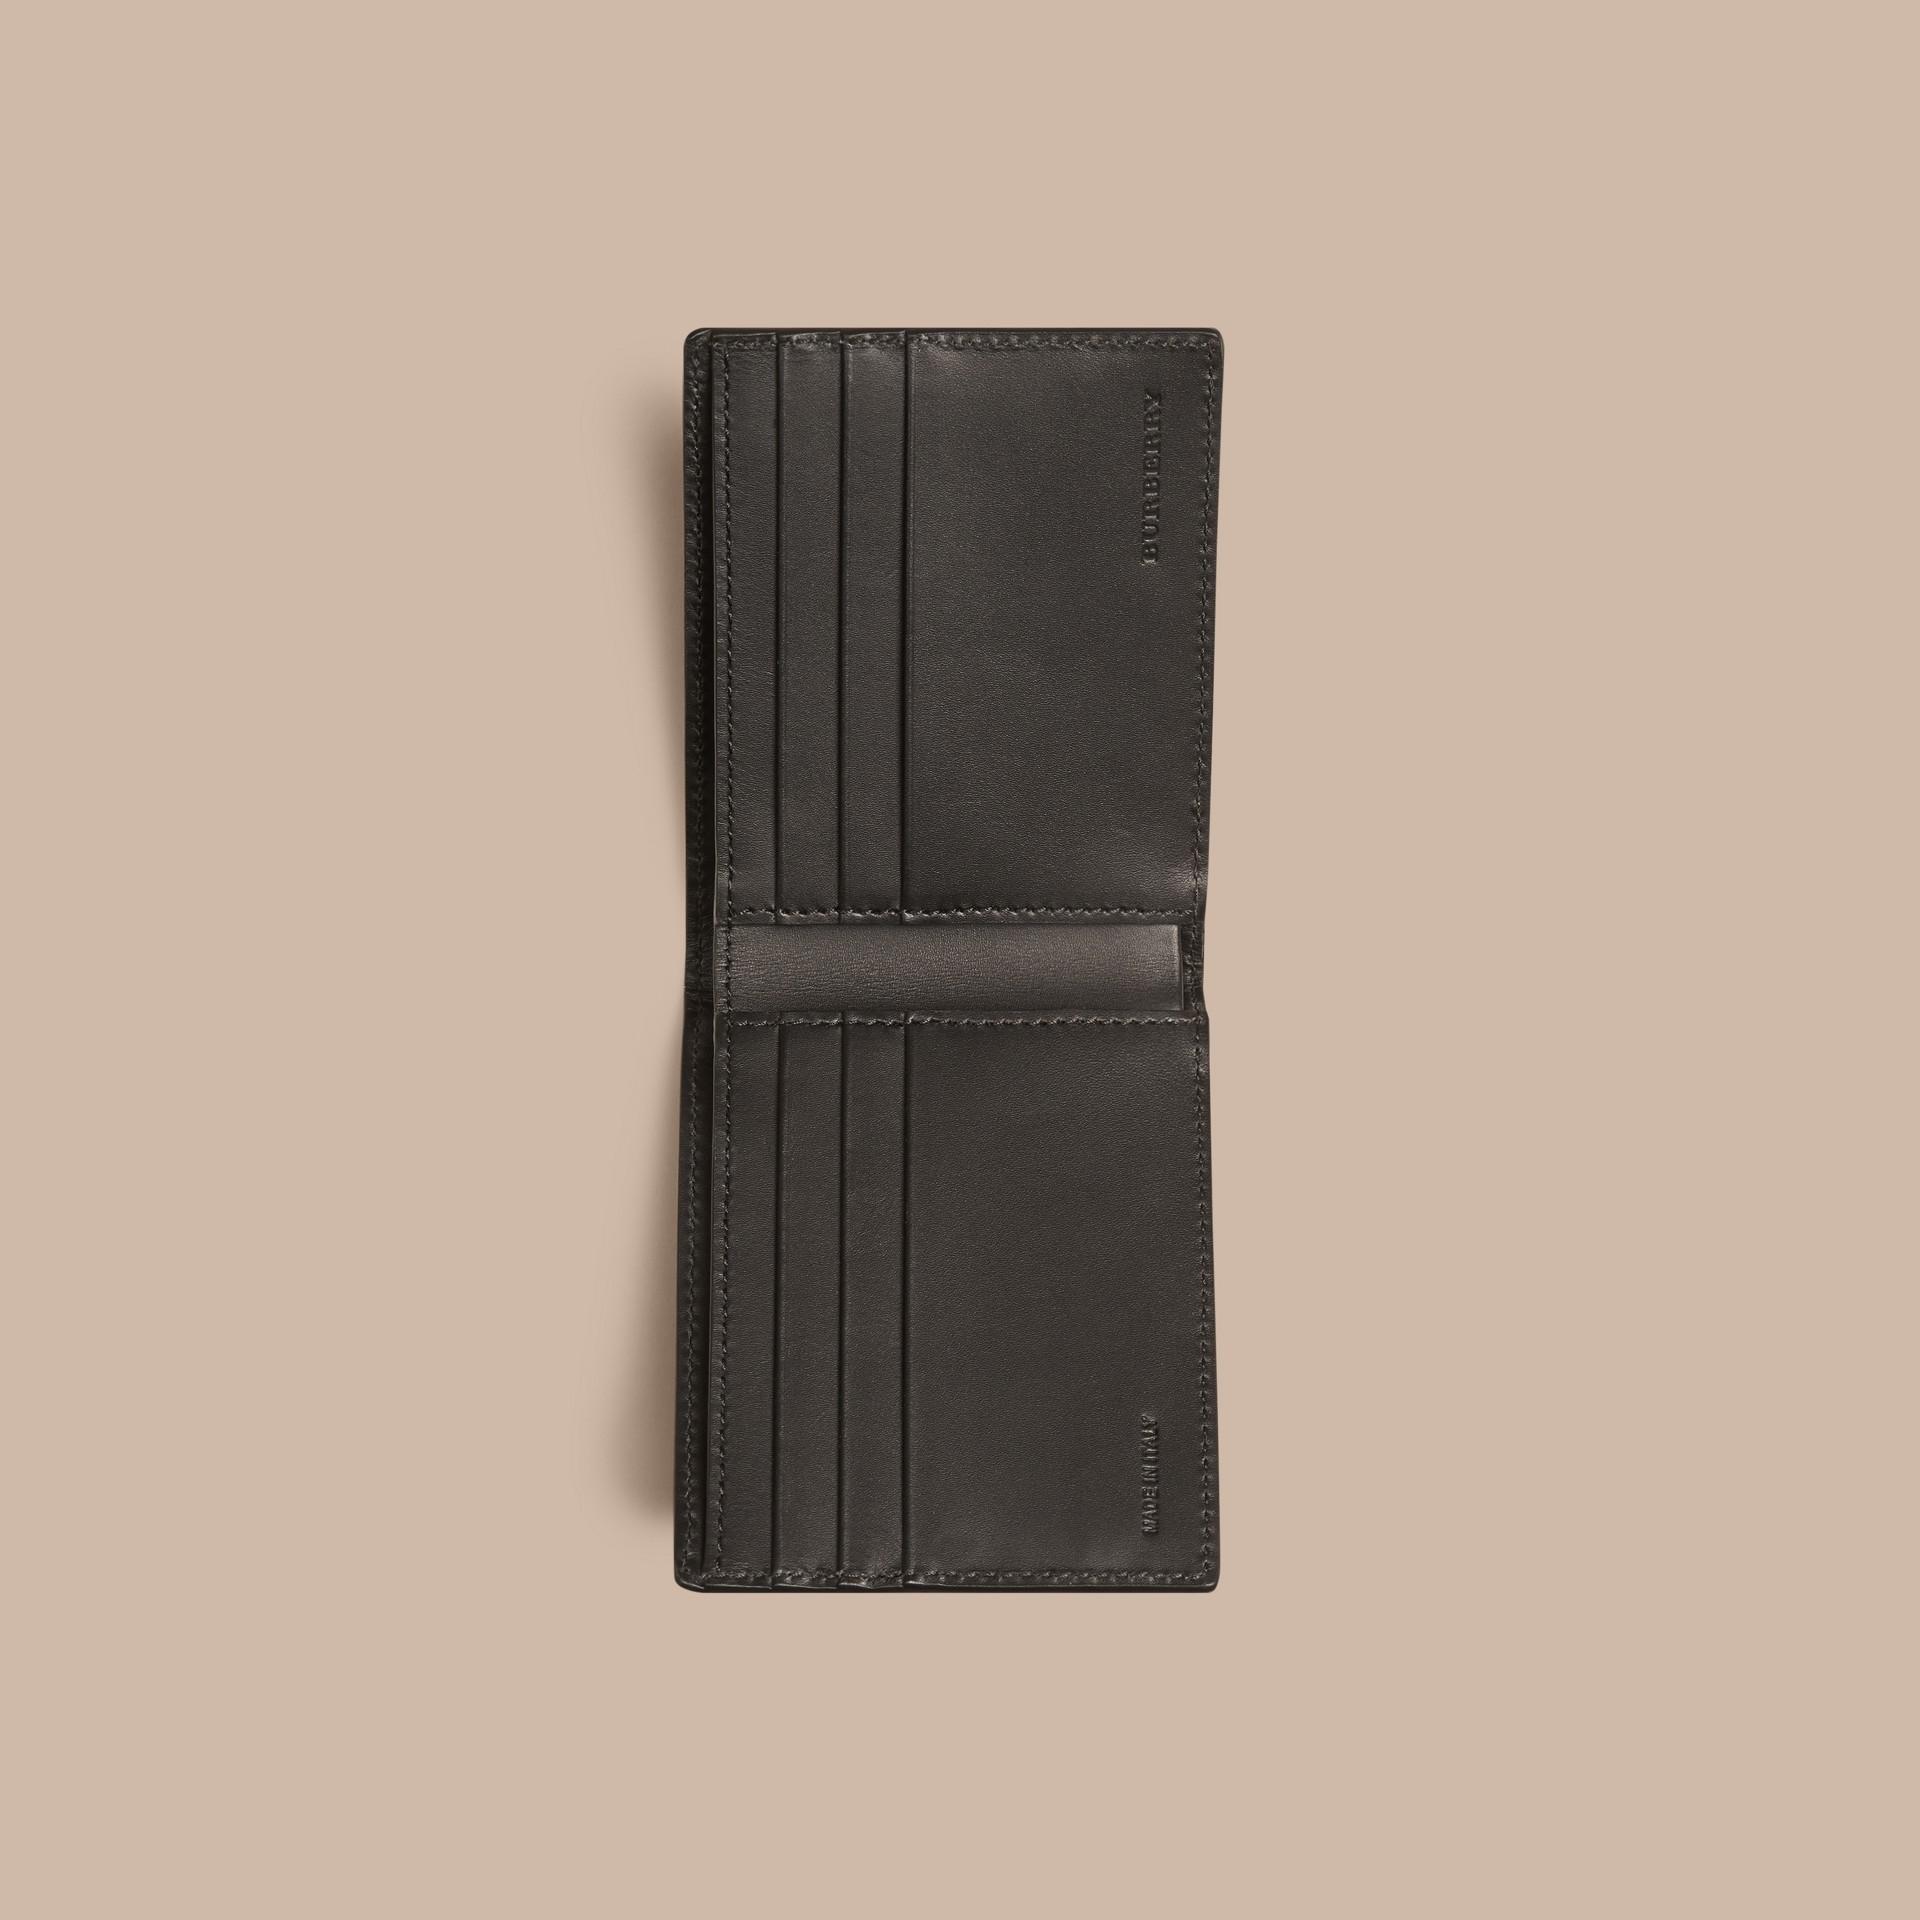 Schwarz Faltbrieftasche aus London-Leder Schwarz - Galerie-Bild 4